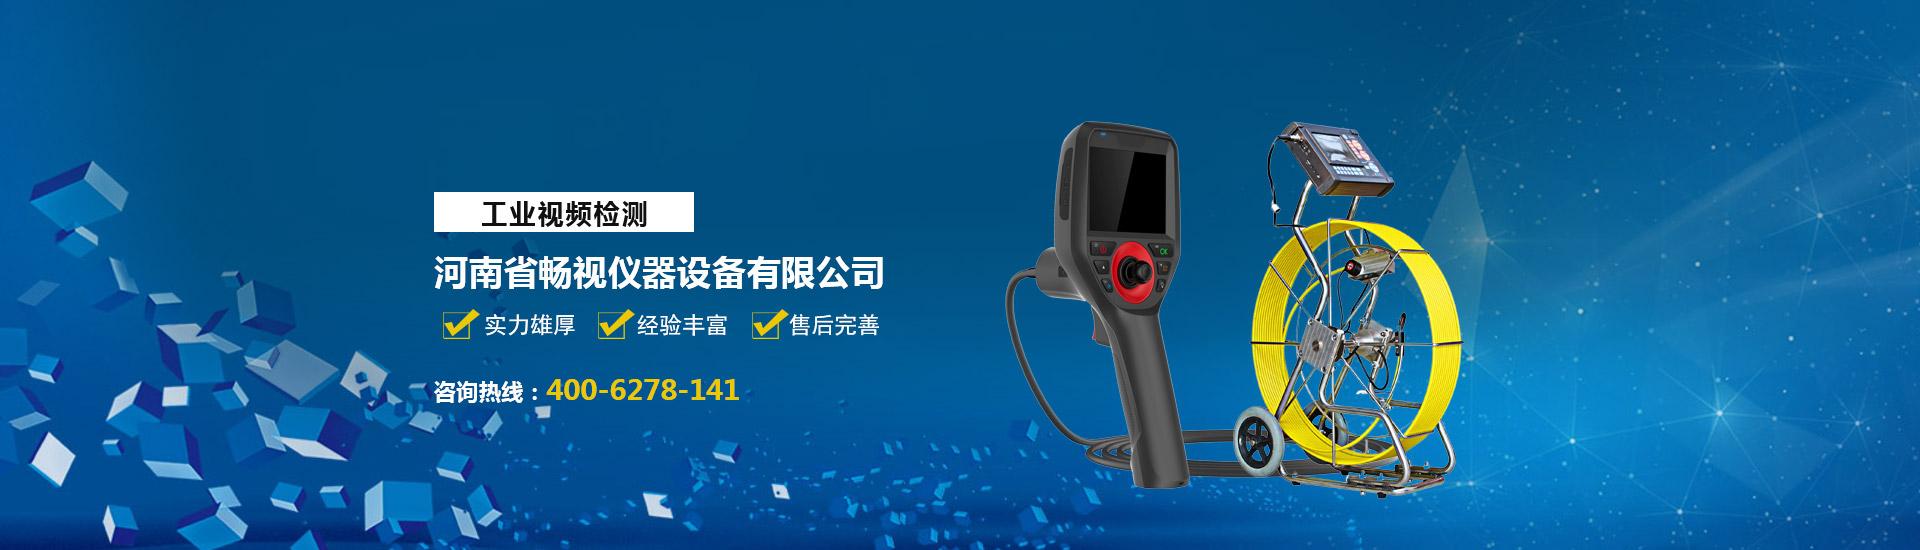 北京工业内窥镜